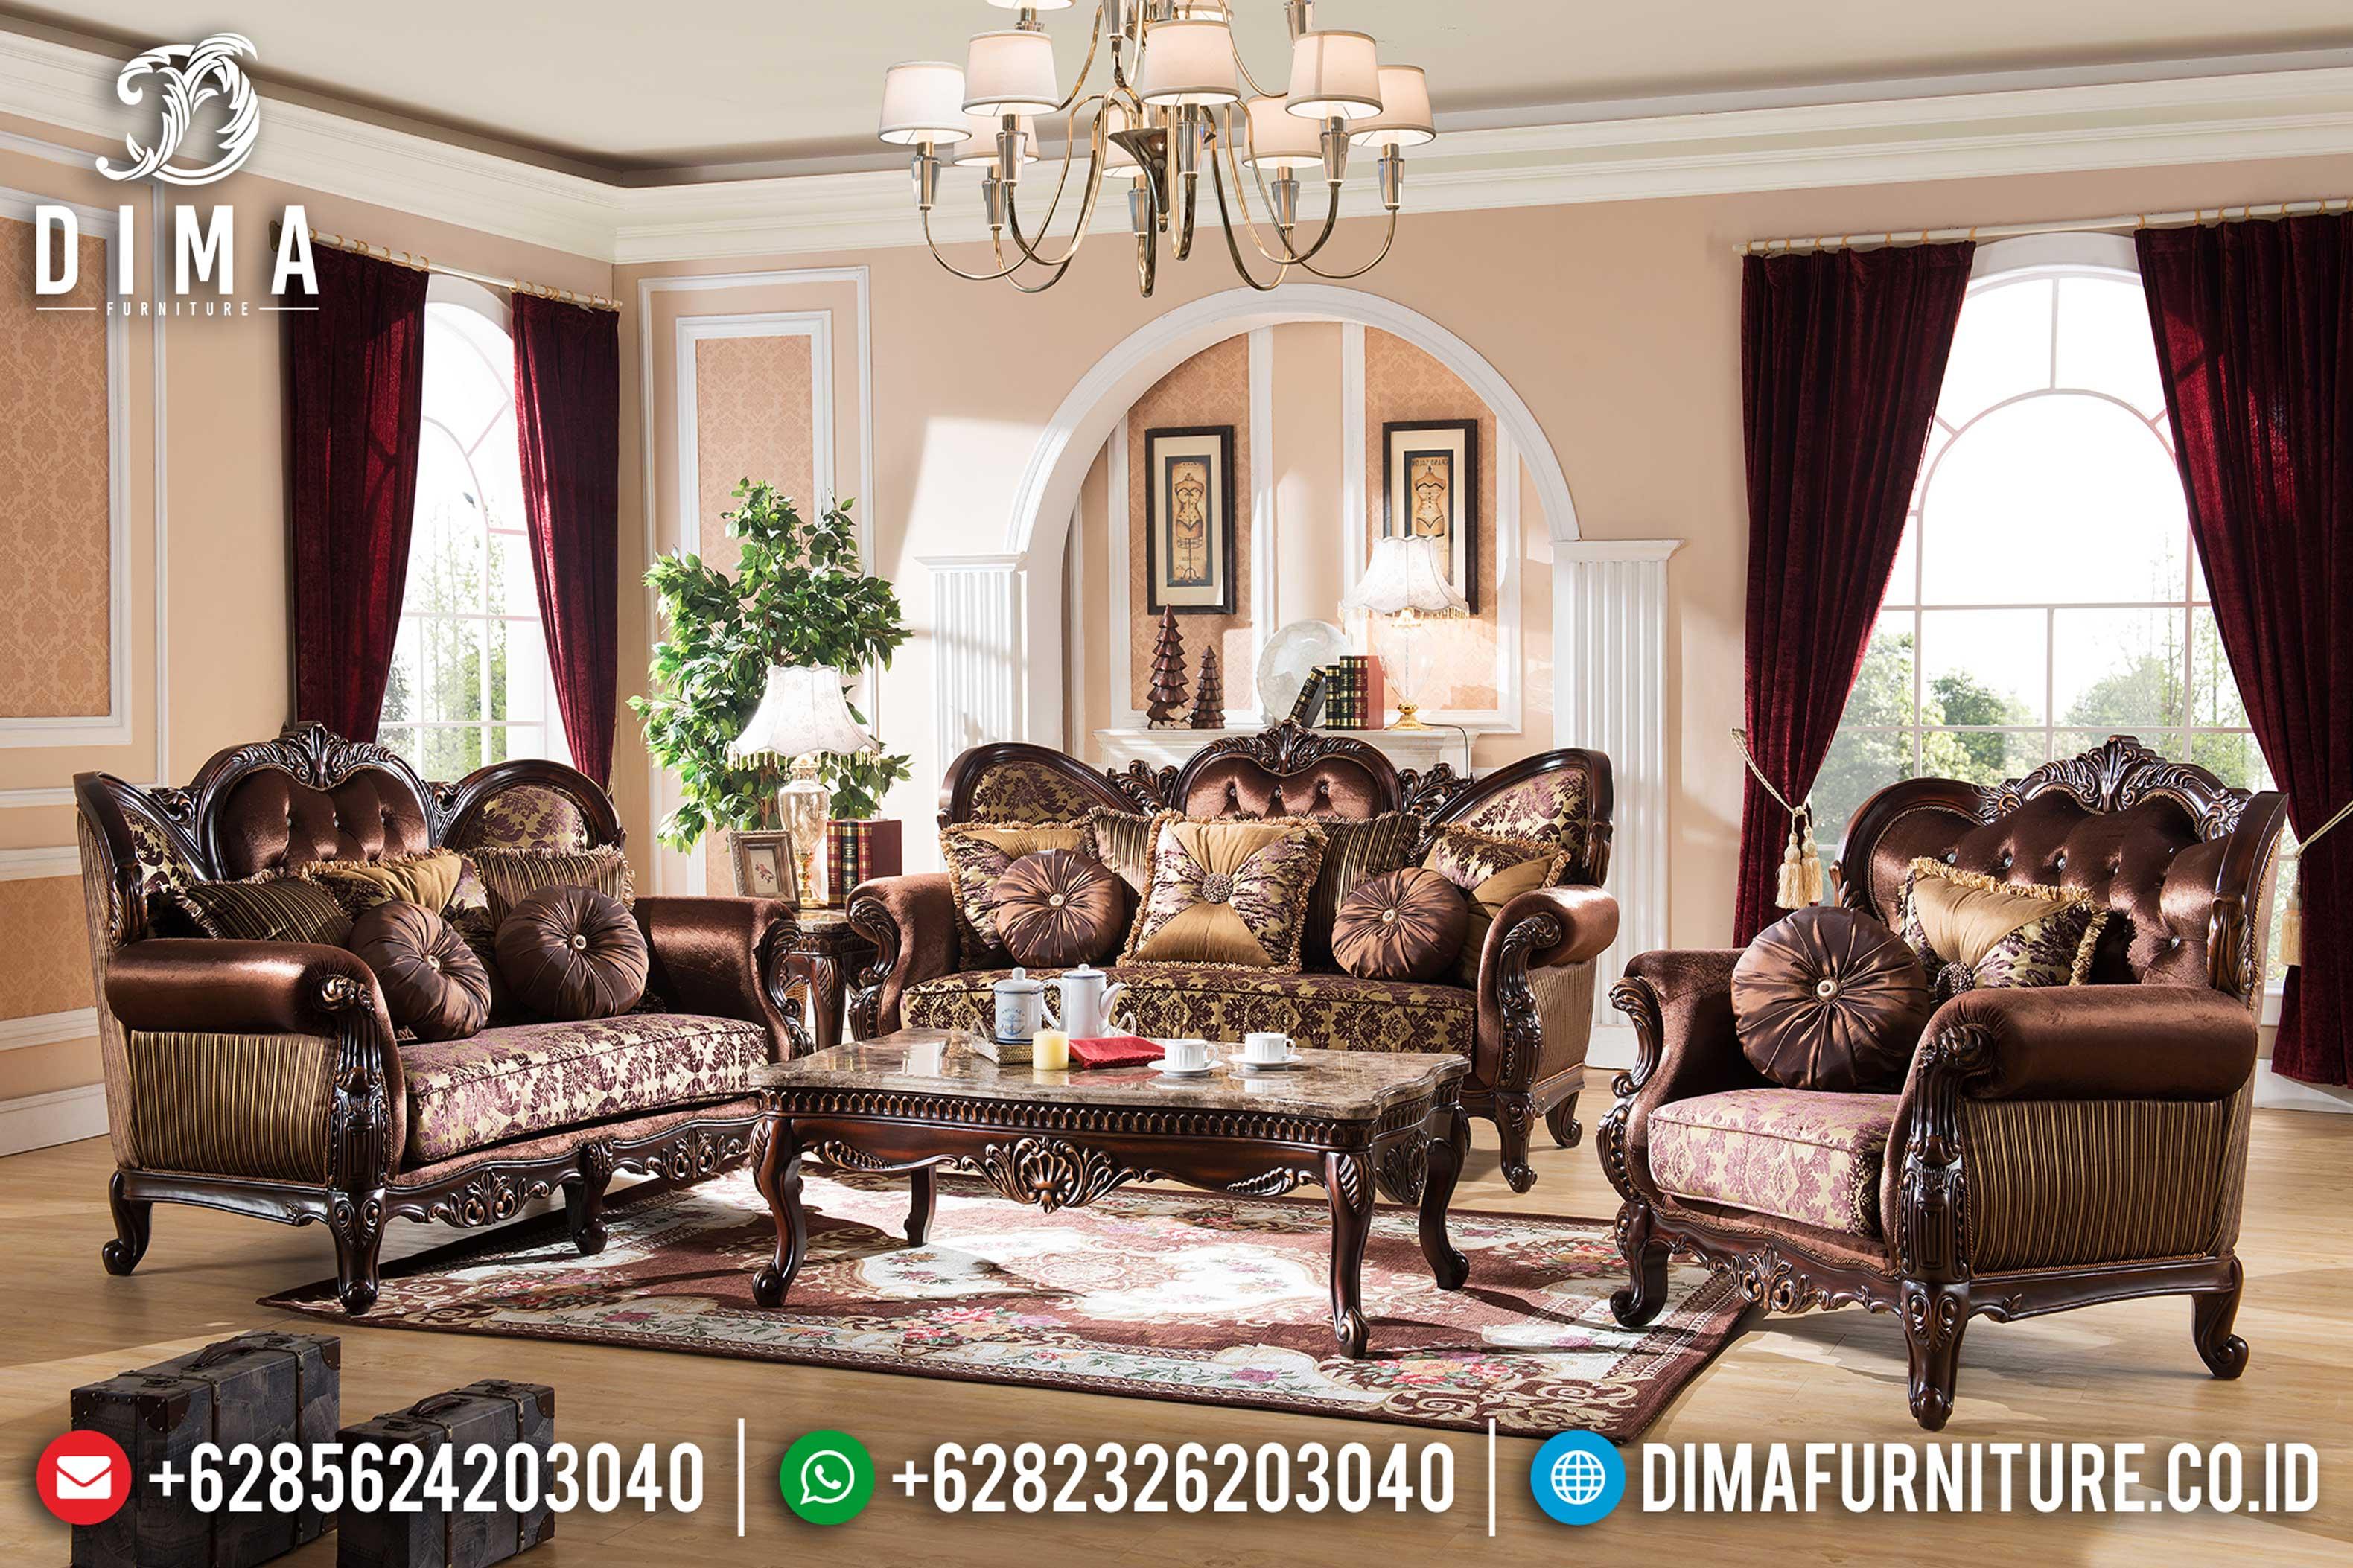 Model Sofa Tamu Jepara 2019-2020 004 Dima Furniture Jepara